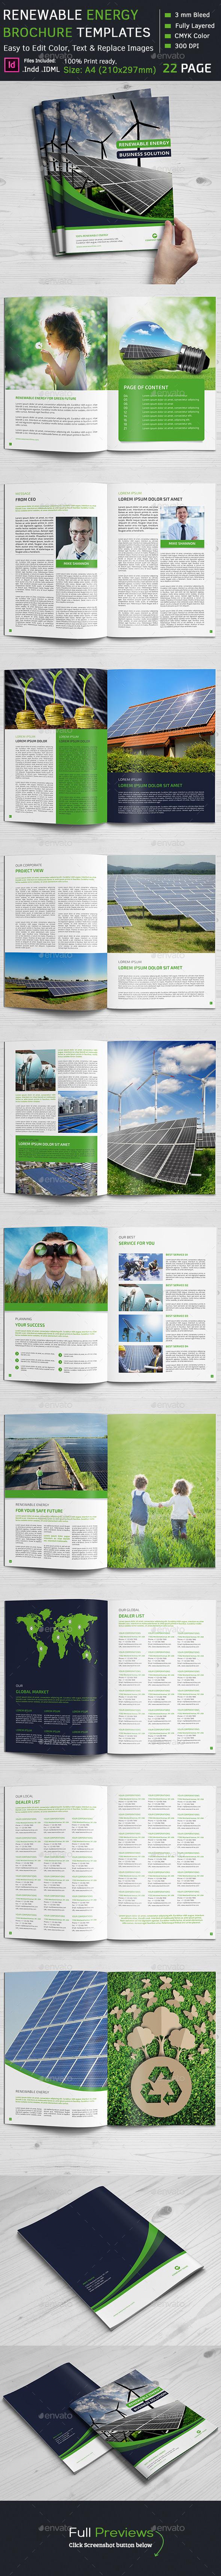 Renewable Energy Brochure - Corporate Brochures